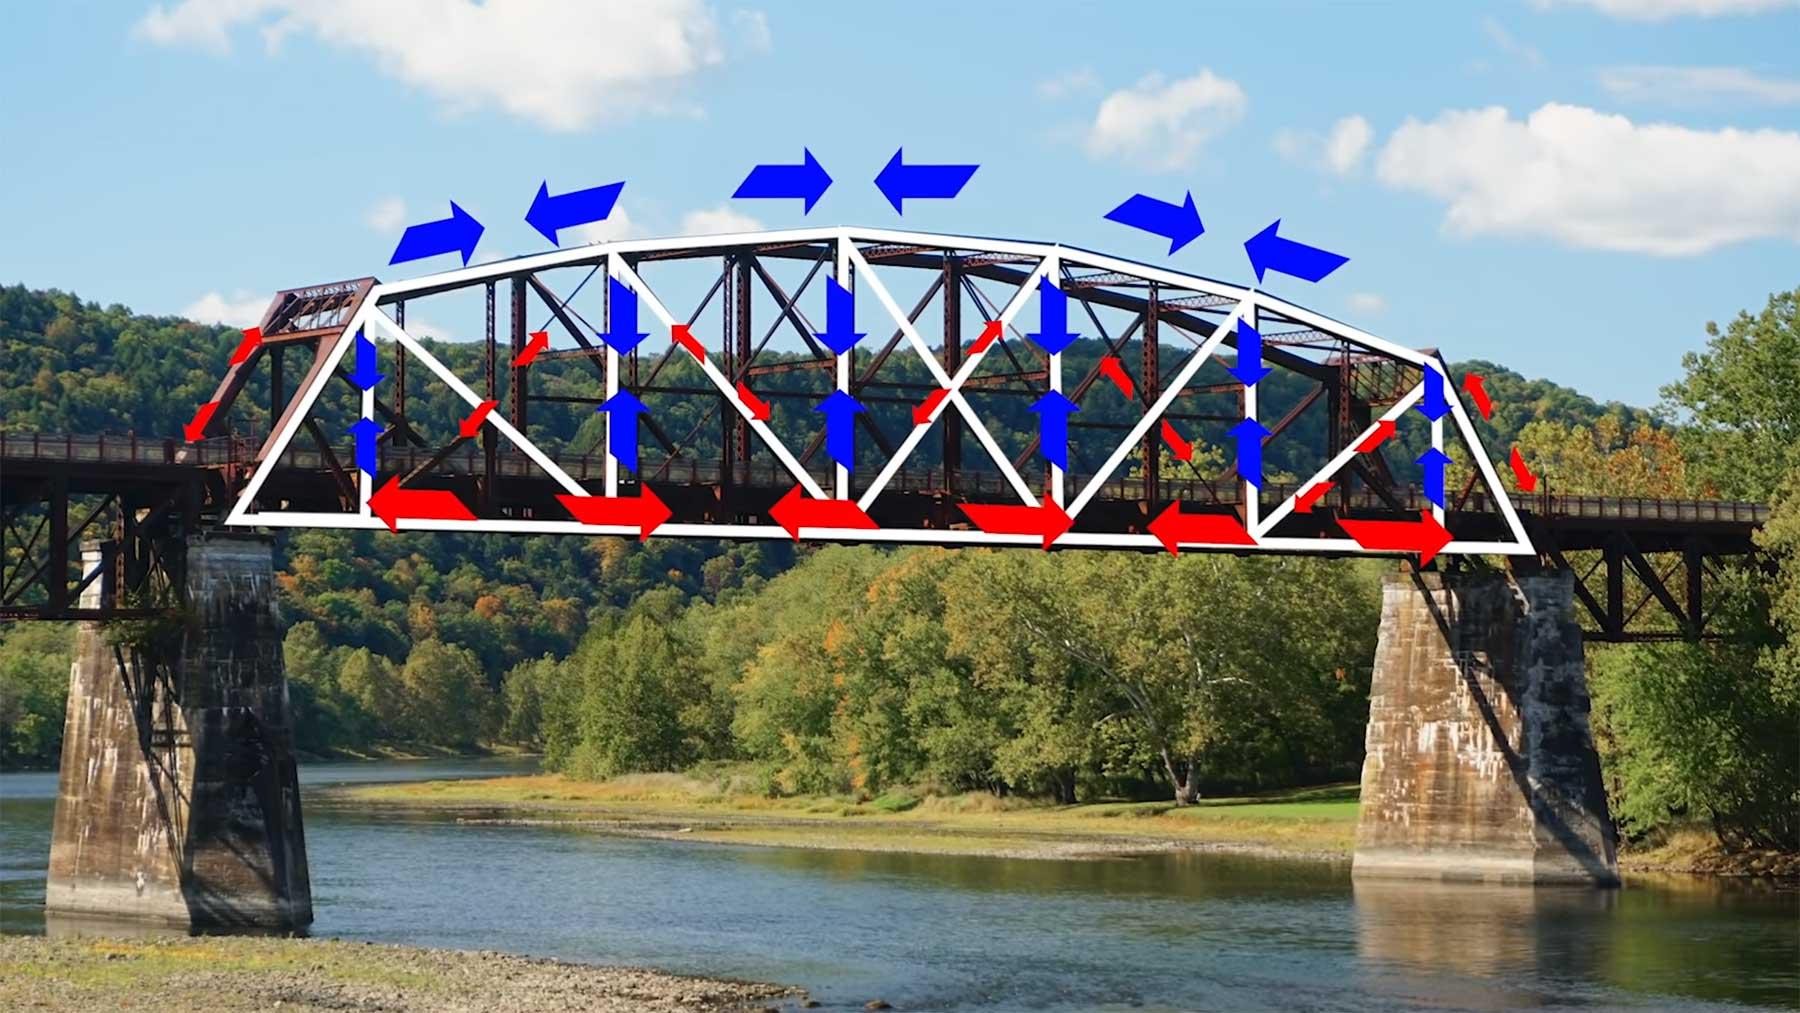 Weshalb wann welche Brücken-Konstruktion gebaut wird